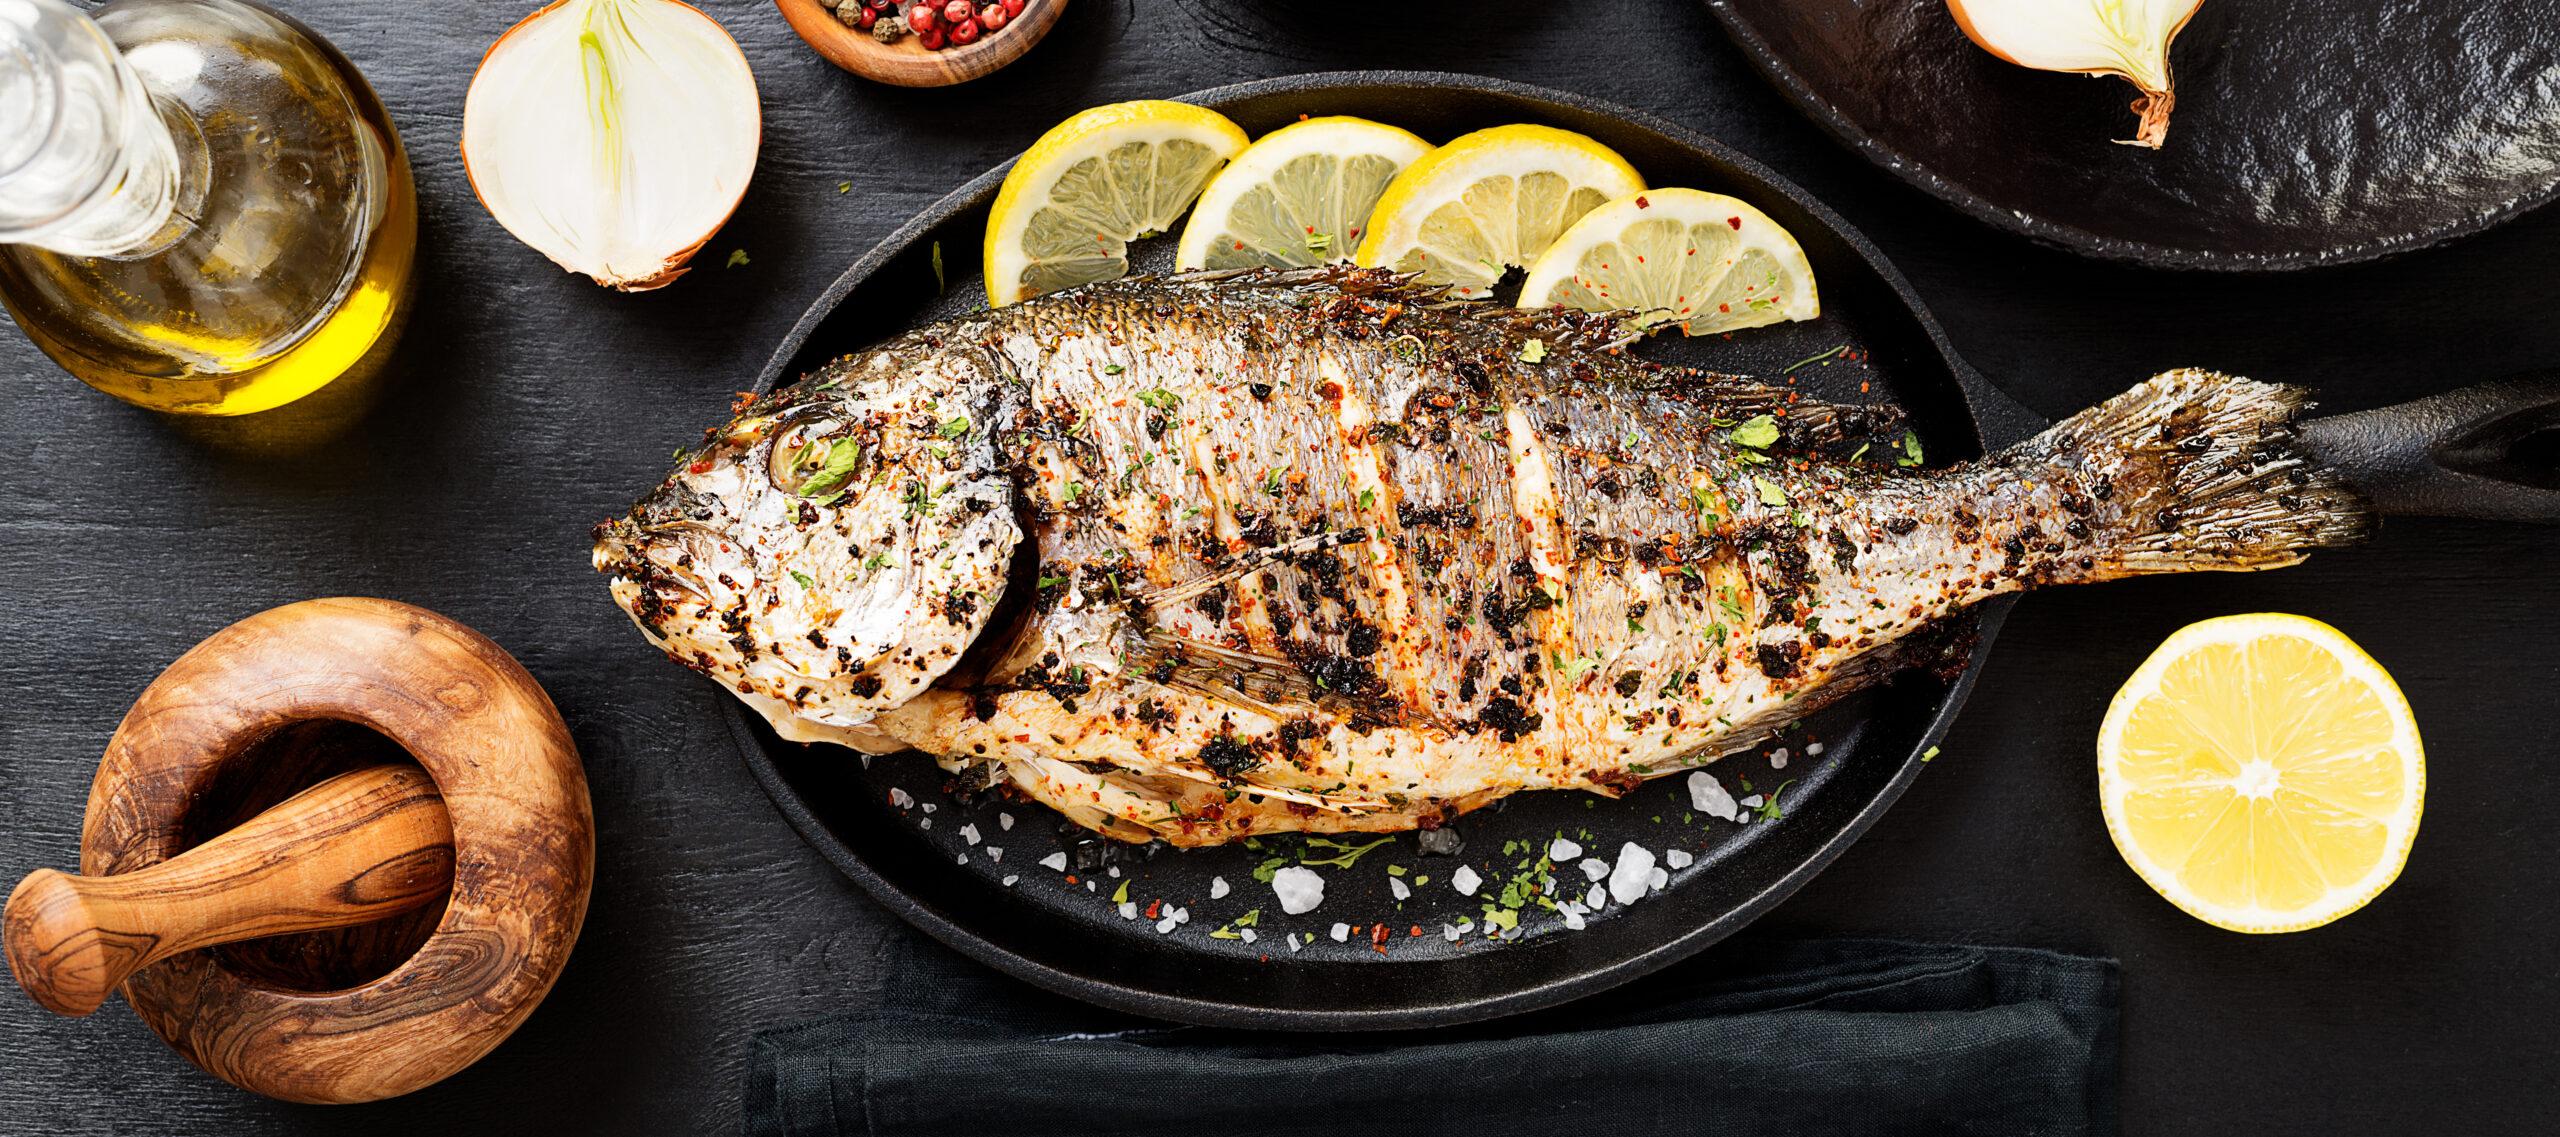 Fisch Grill Karfreitag Am Kamin